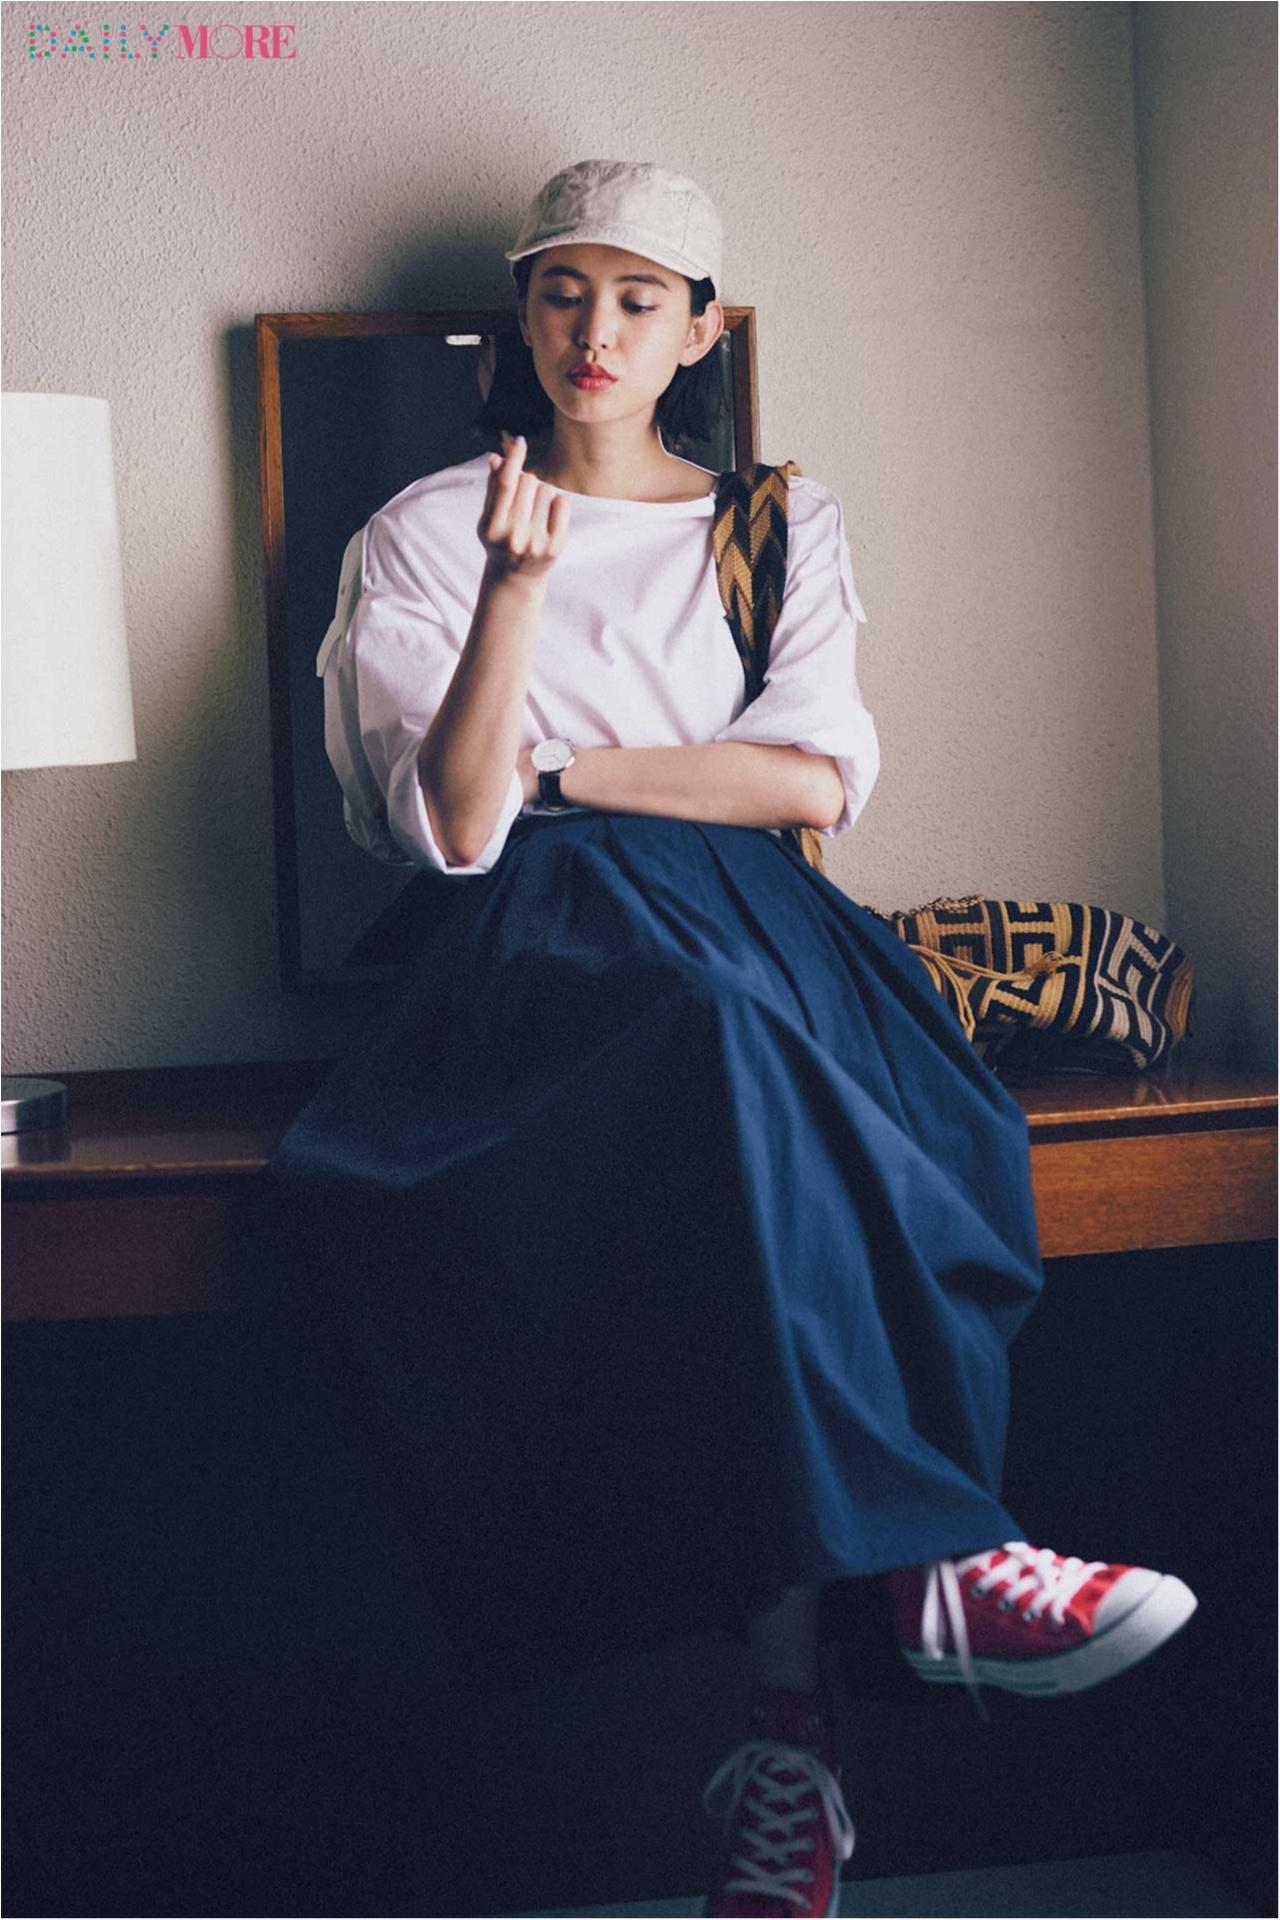 【今日のコーデ/比留川游】ネイビーのフレアスカートにしてみたら、休日のカジュアルコーデがうんと素敵に♡_1